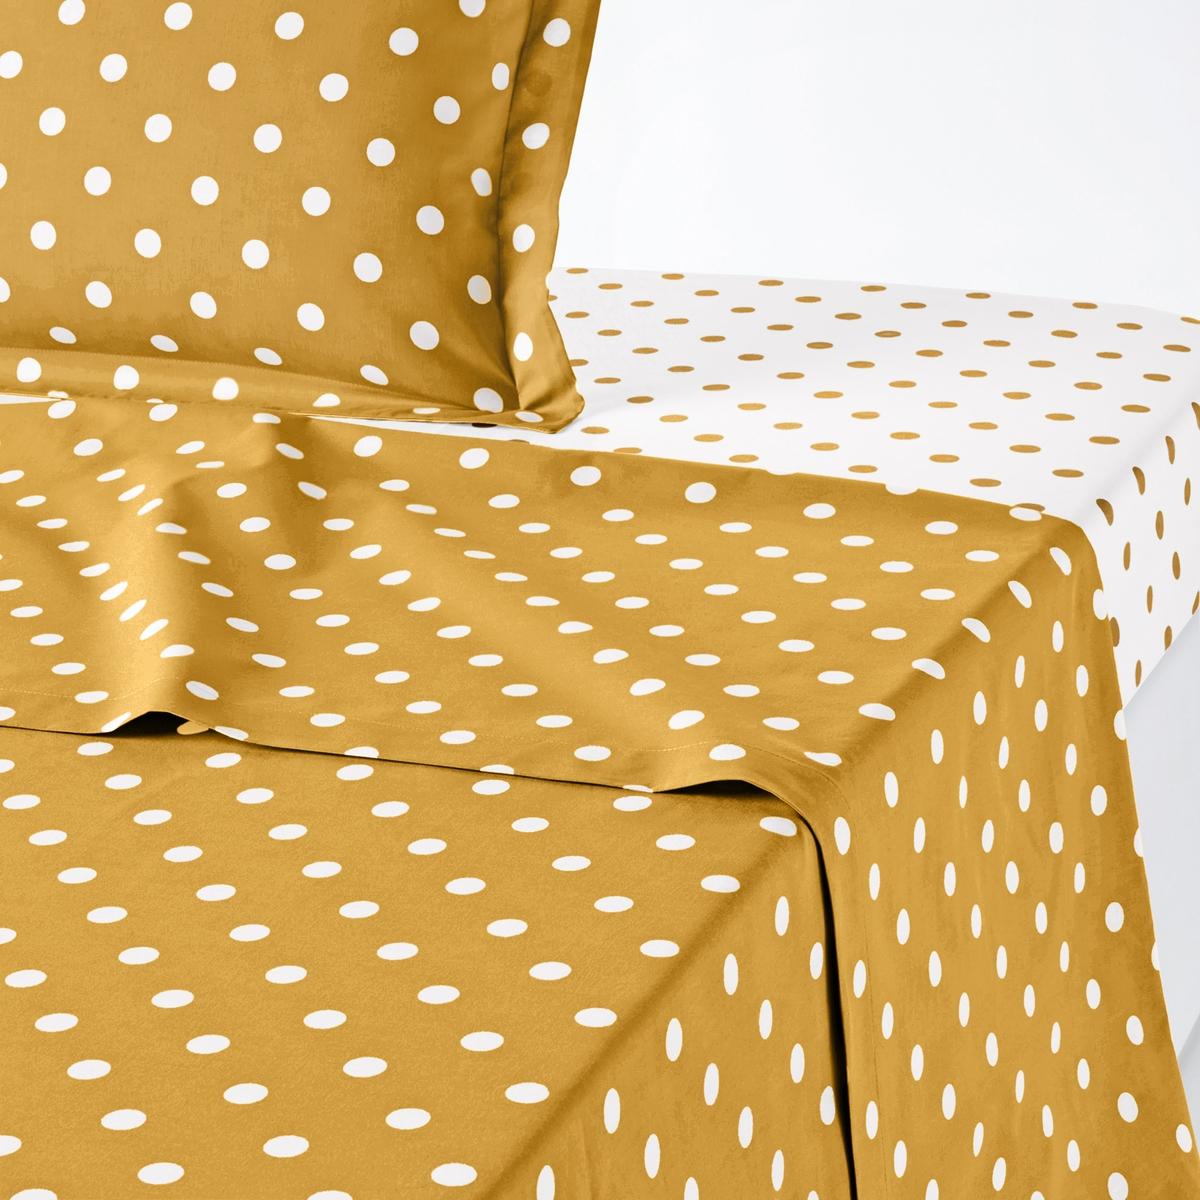 Фото - Простыня LaRedoute 100 хлопок с принтом в горошек Clarisse 180 x 290 см желтый простыня la redoute натяжная стираный хлопок semeru 180 x 290 см черный